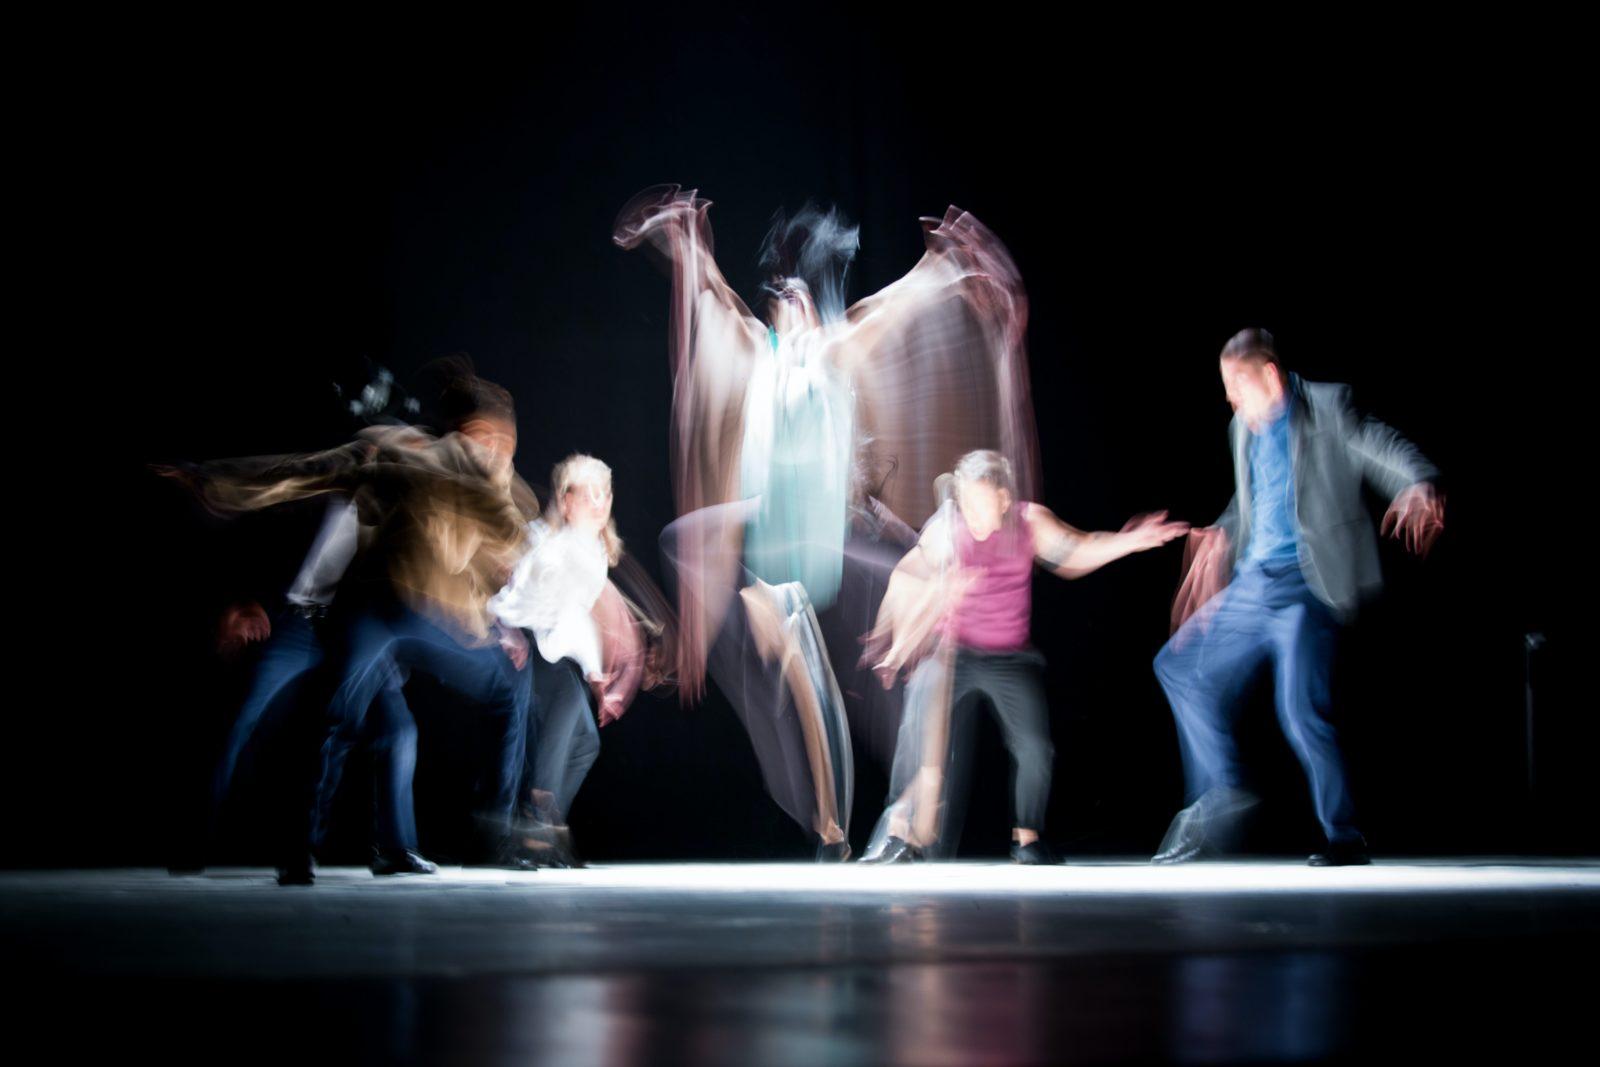 Bunte, verschwommene und schemenhafte Menschen beim Tanz vor schwarzem Hintergrund.